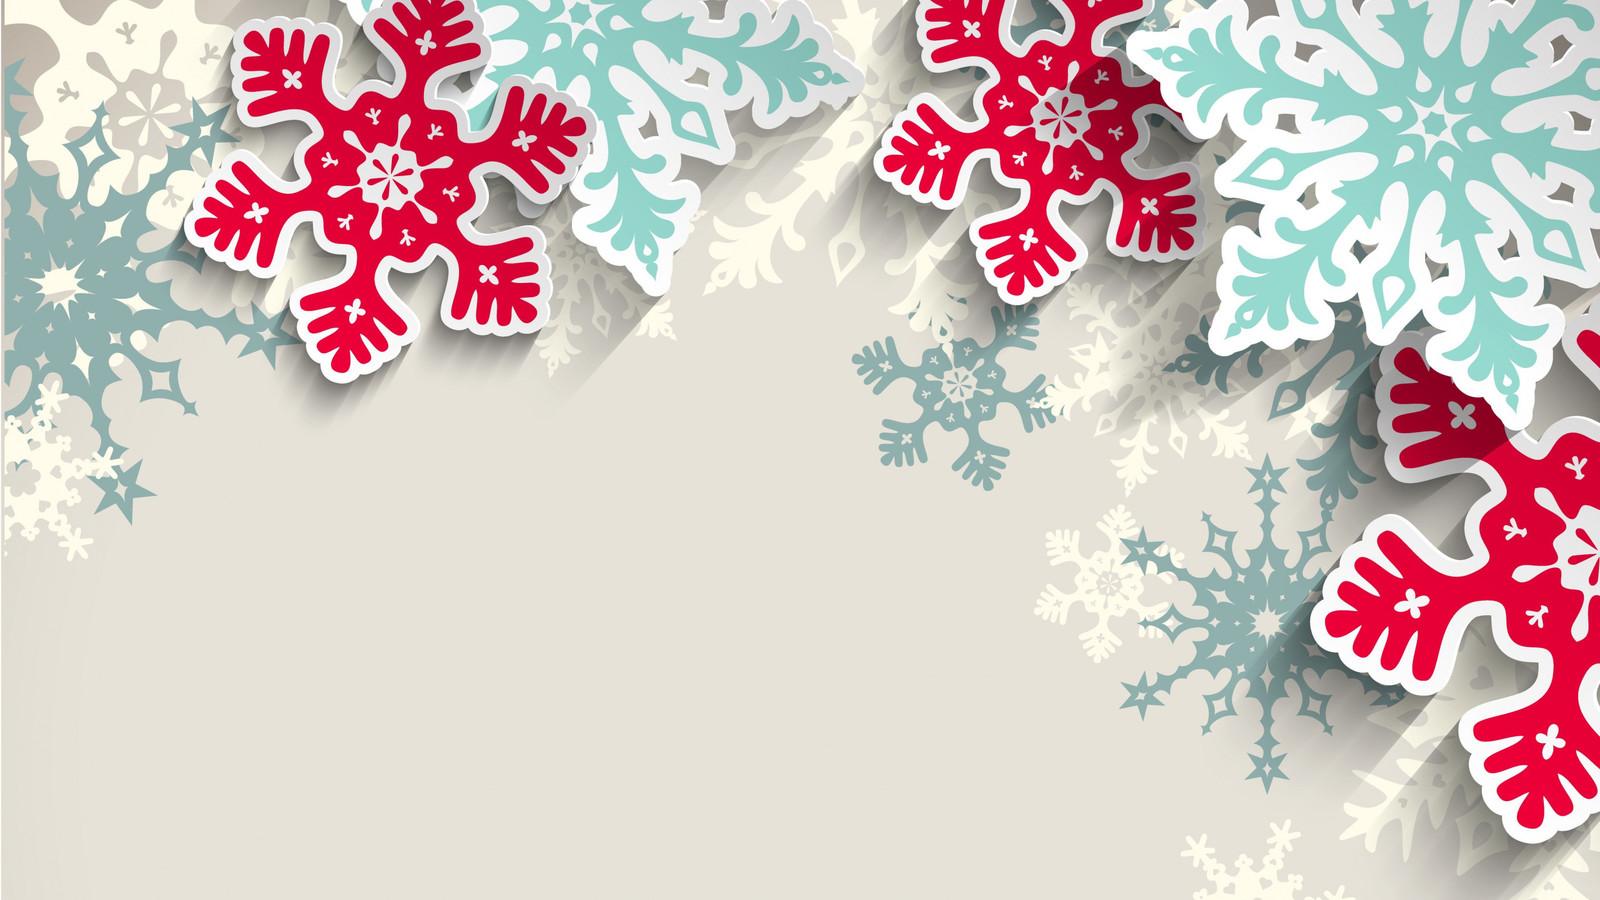 204 карточки в коллекции новогодний фон » пользователя людмила